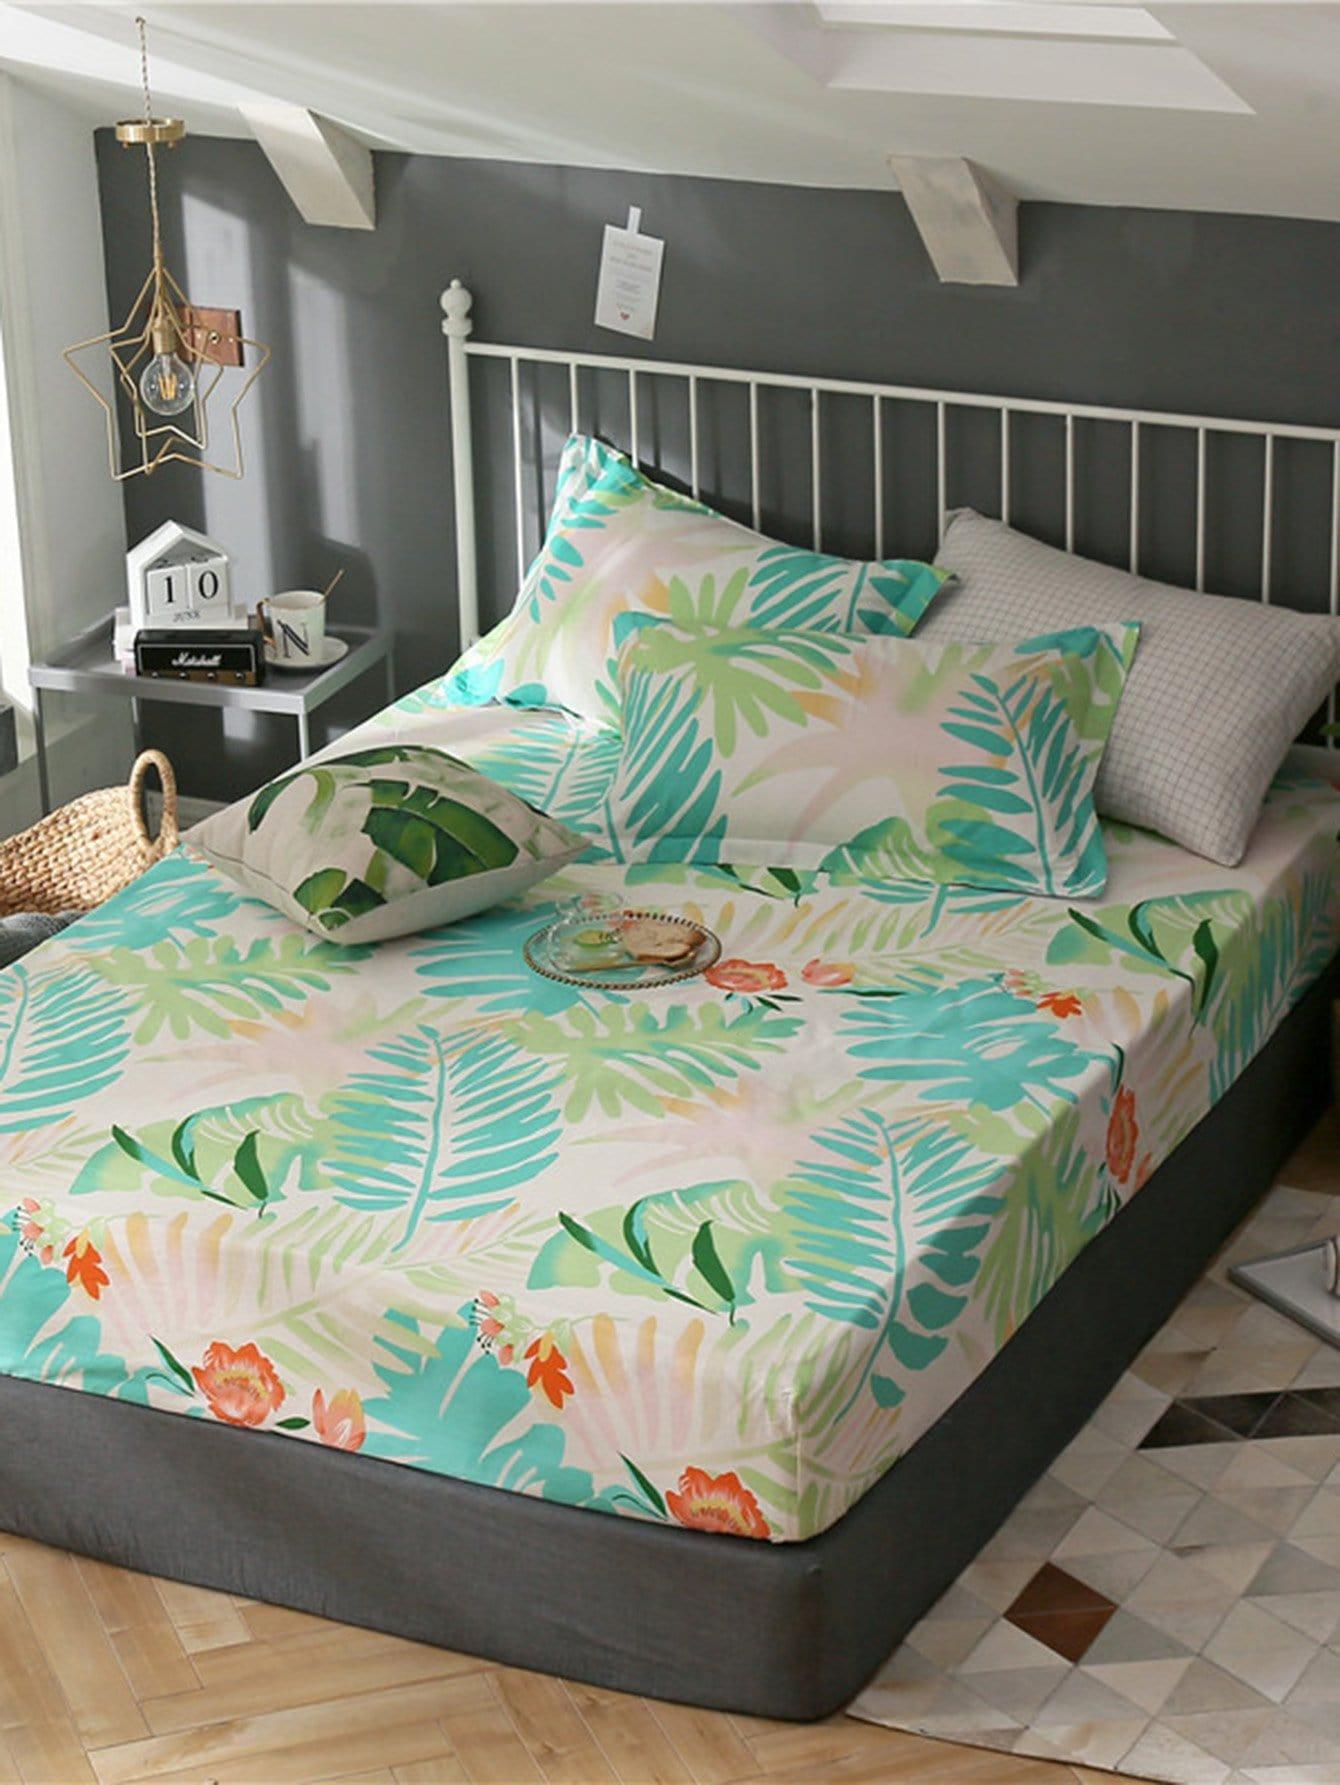 Купить Удобное постельное бельё с рисунками листьев 1 шт, null, SheIn